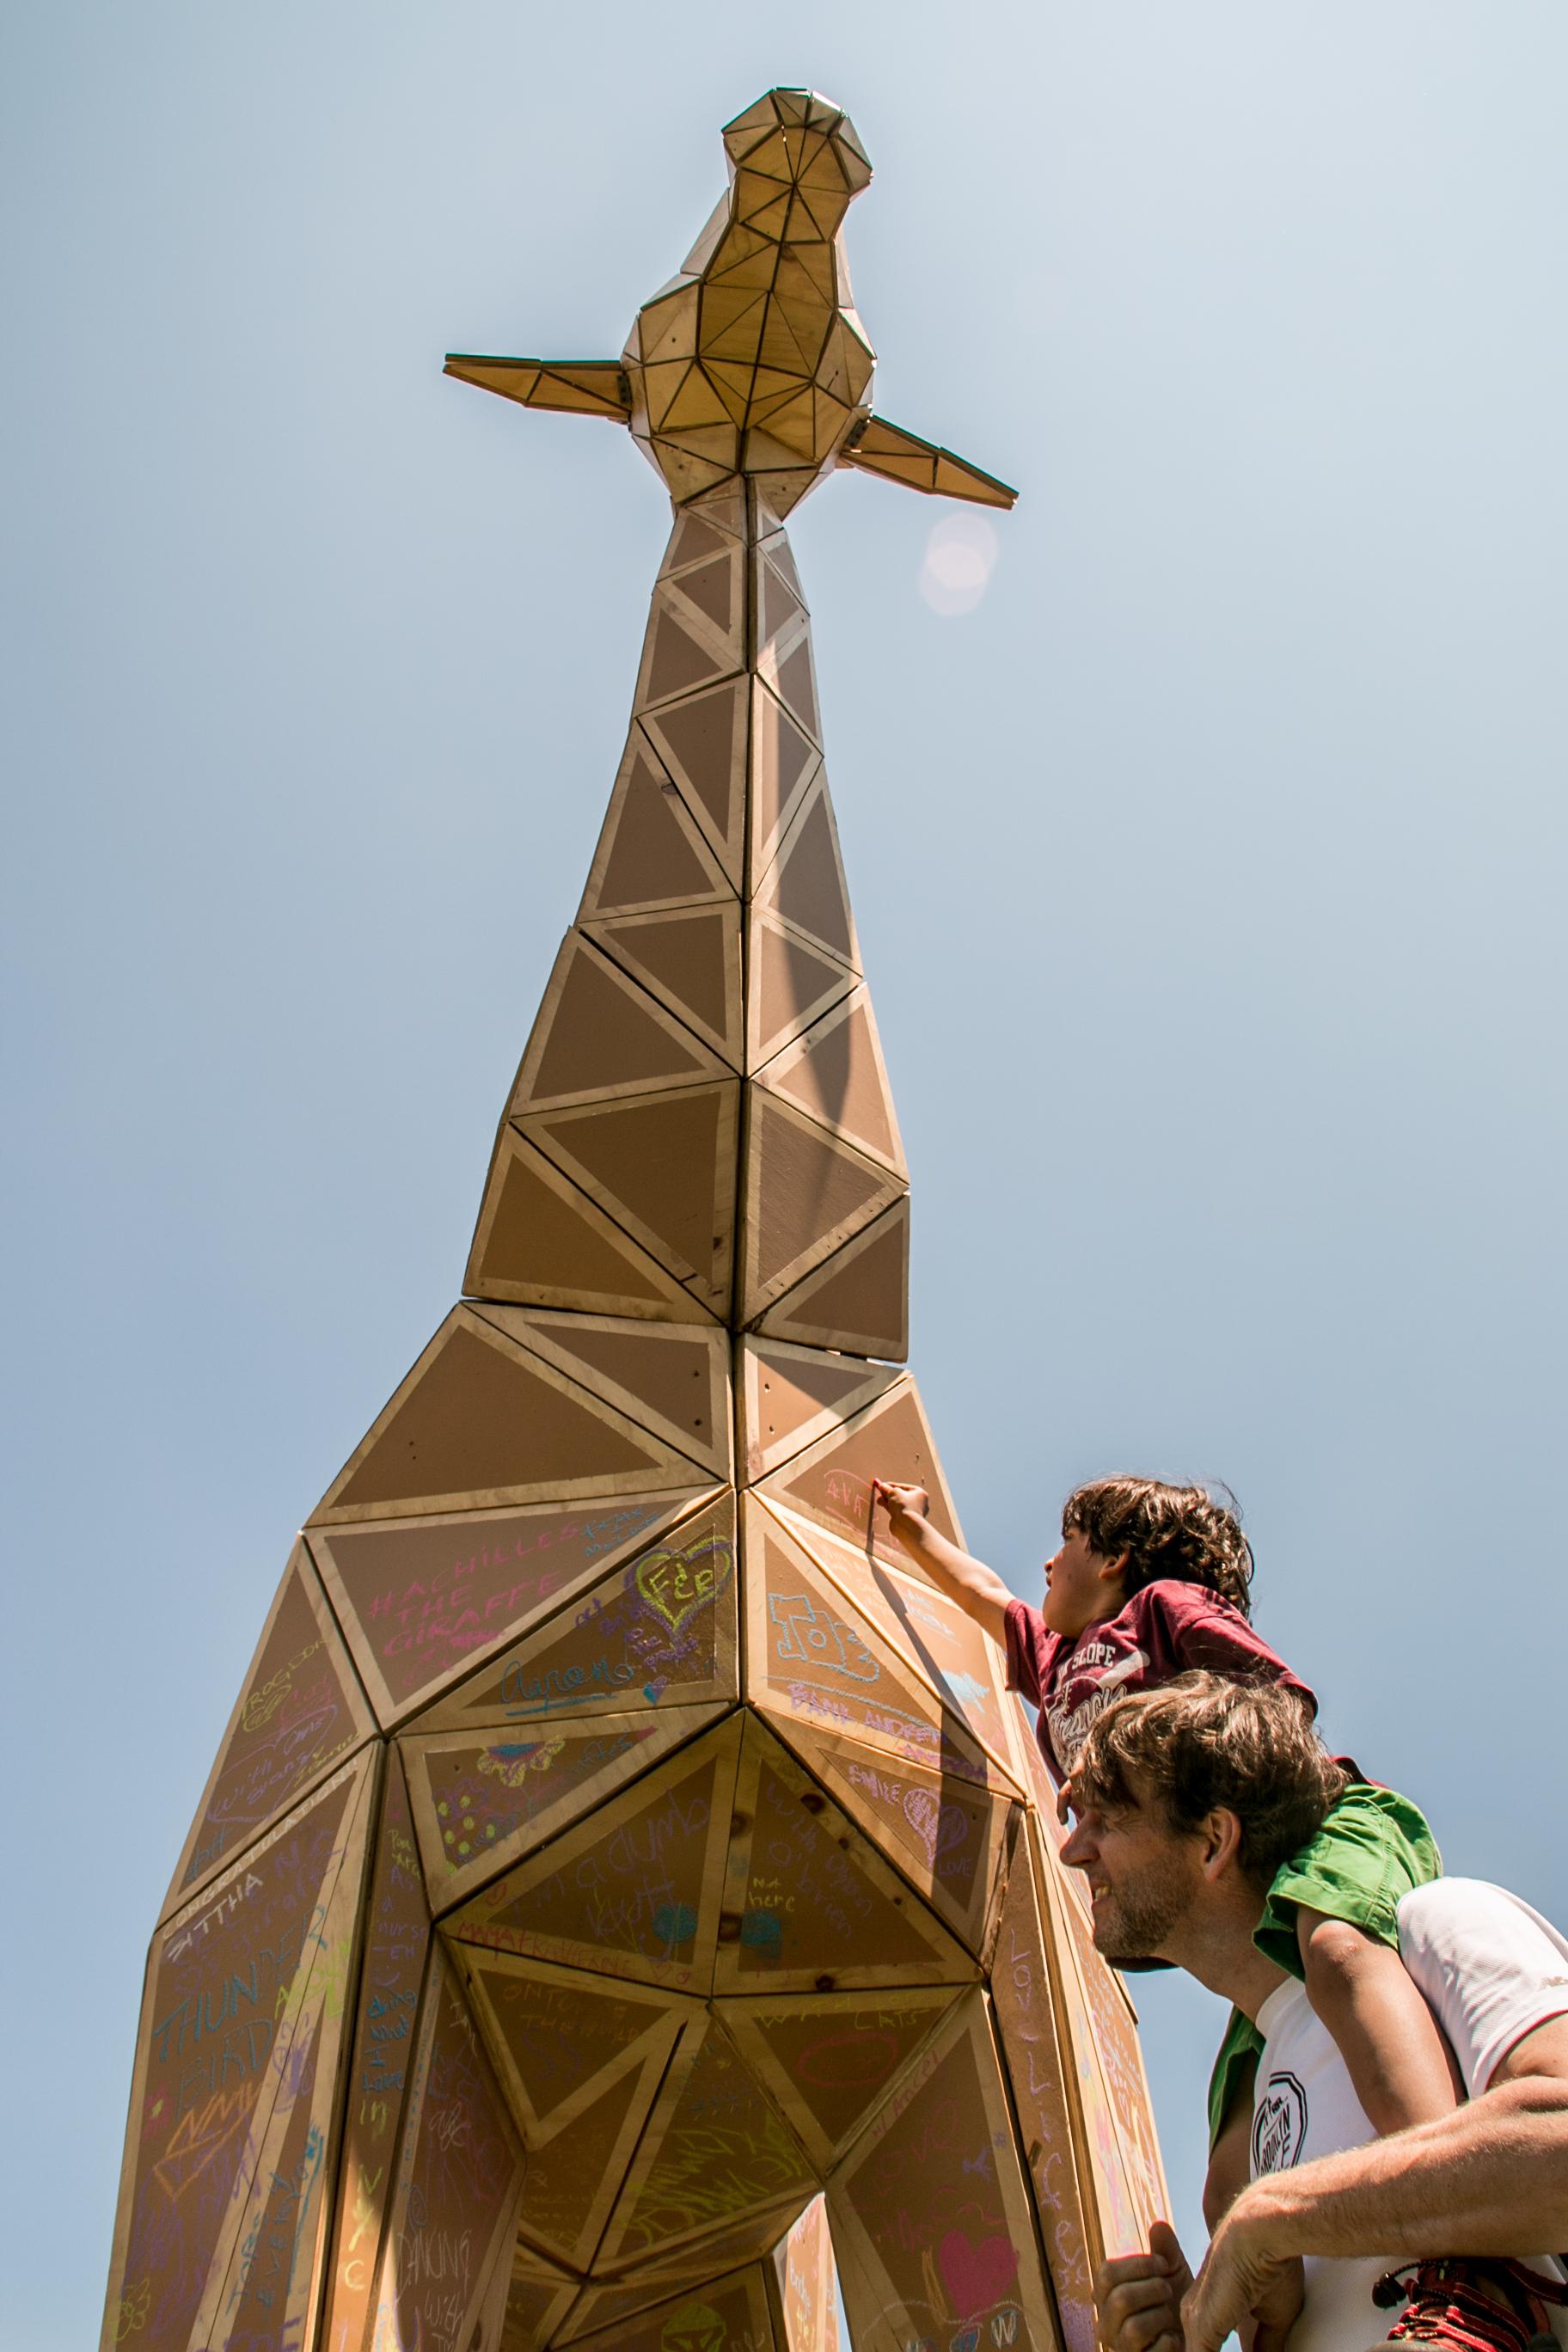 achilles the giraffe  (23 of 49).jpg